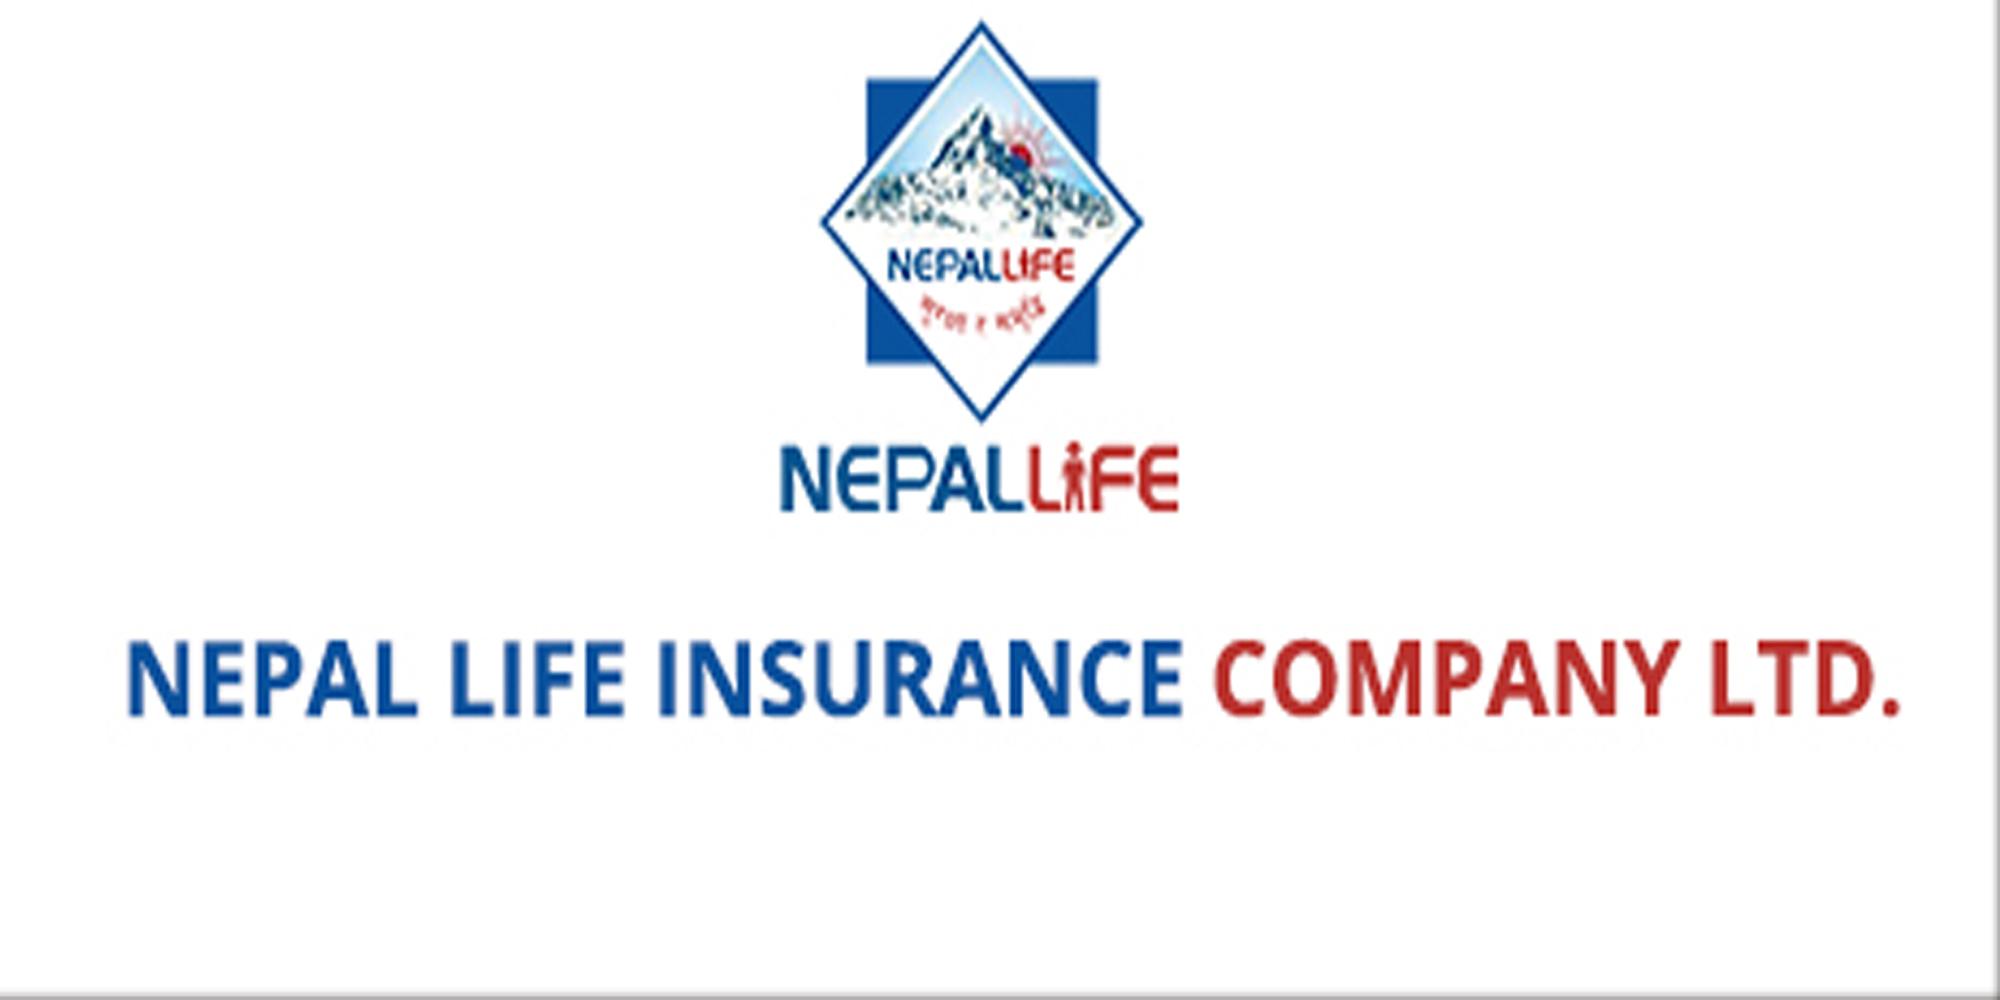 नेपाल लाइफको जीवन बिमा कोषमा १ खर्ब